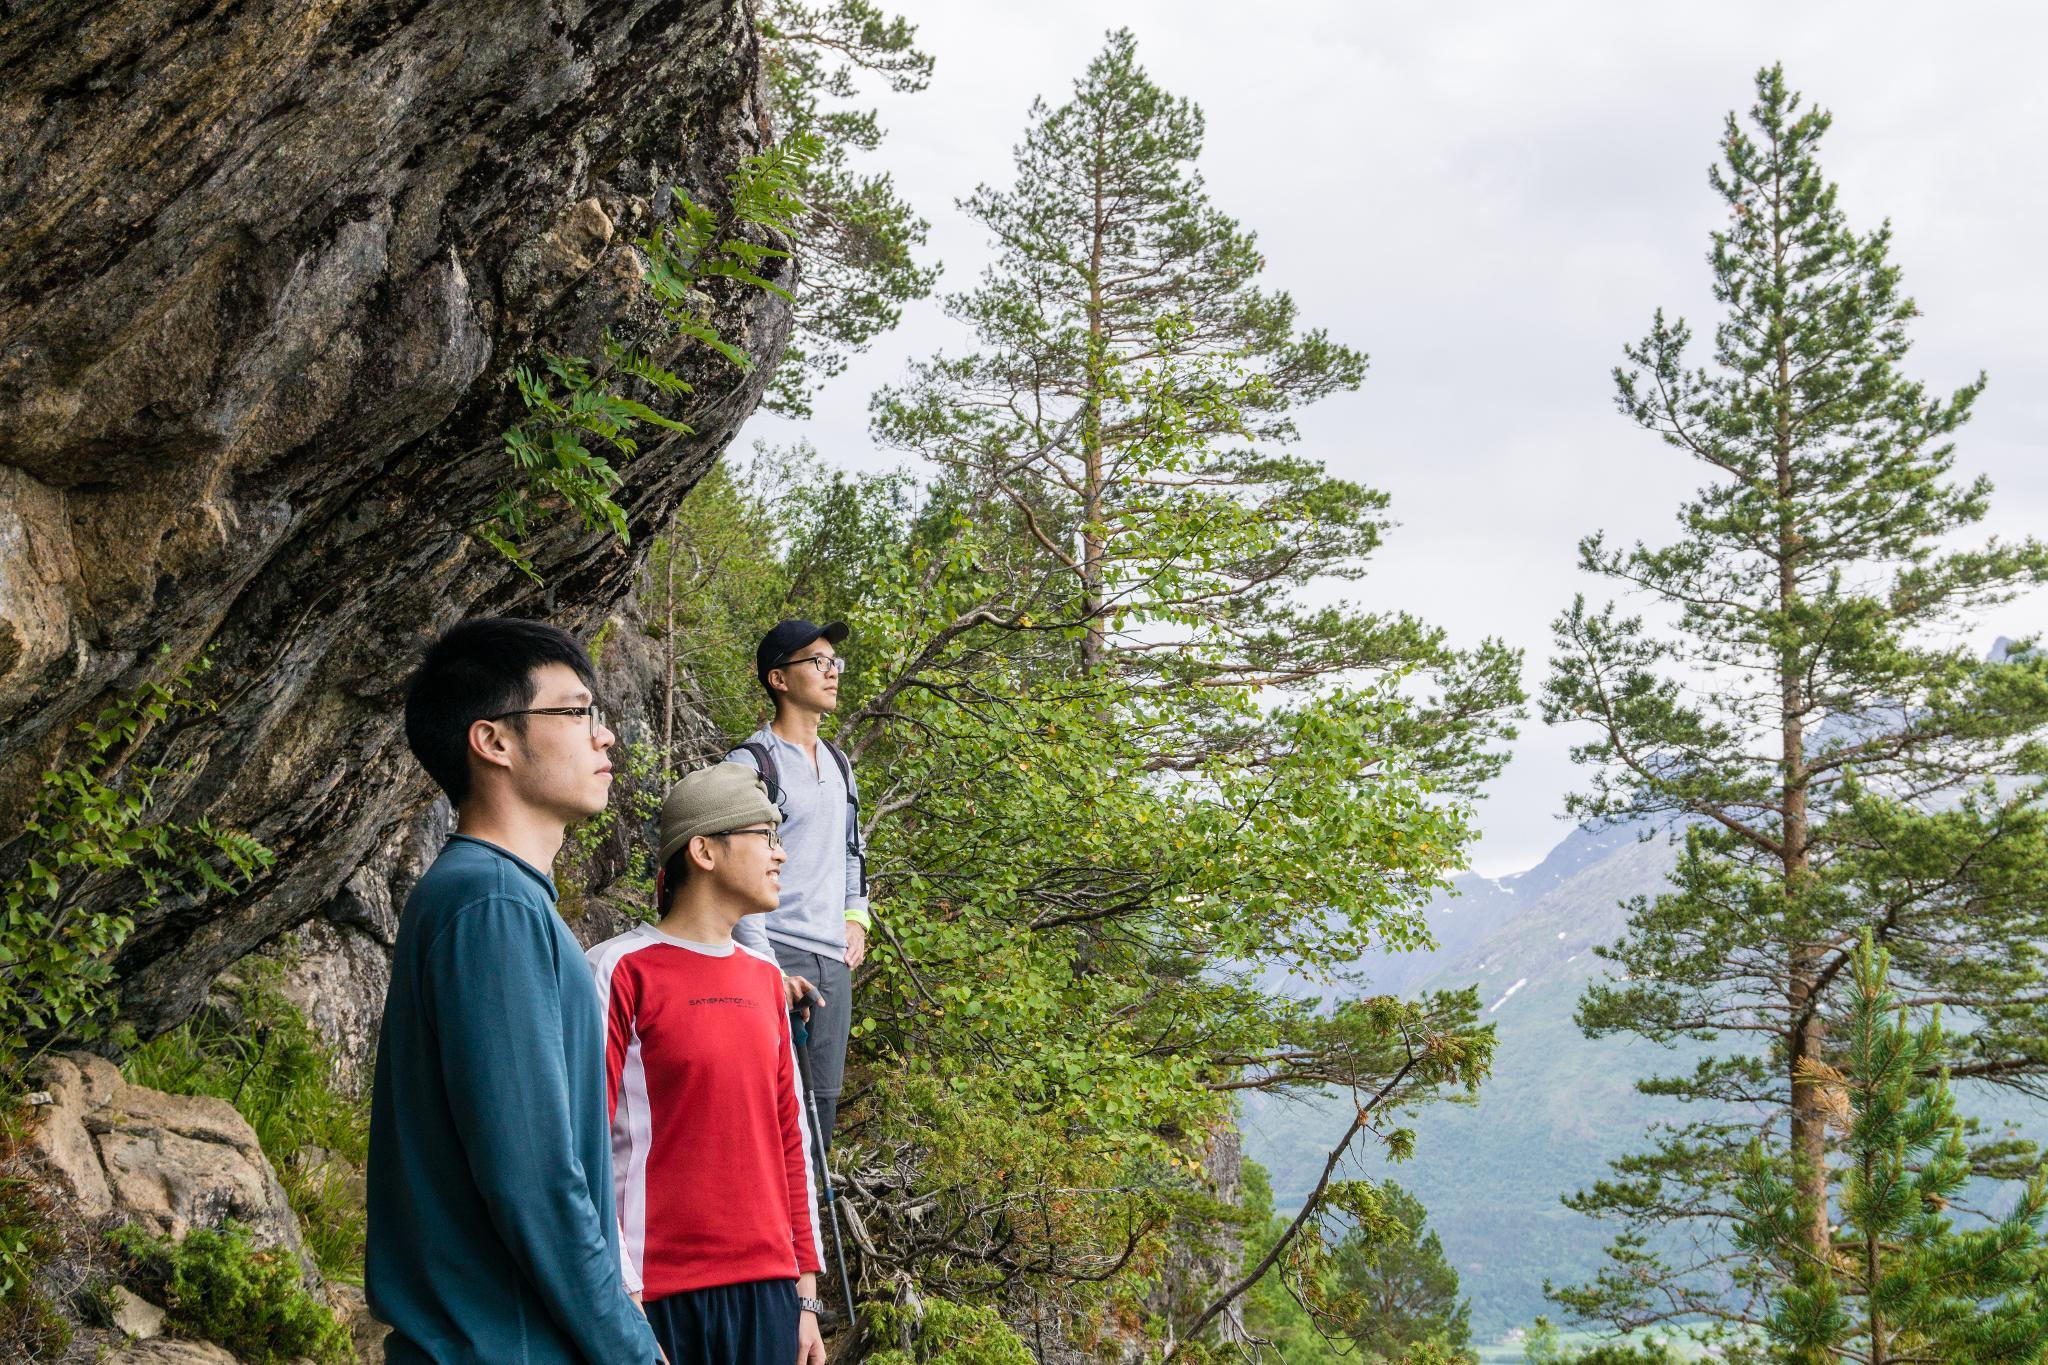 【北歐景點】峽灣區起點Åndalsnes健行 - 鳥瞰峽灣全景的Rampestreken觀景台 17